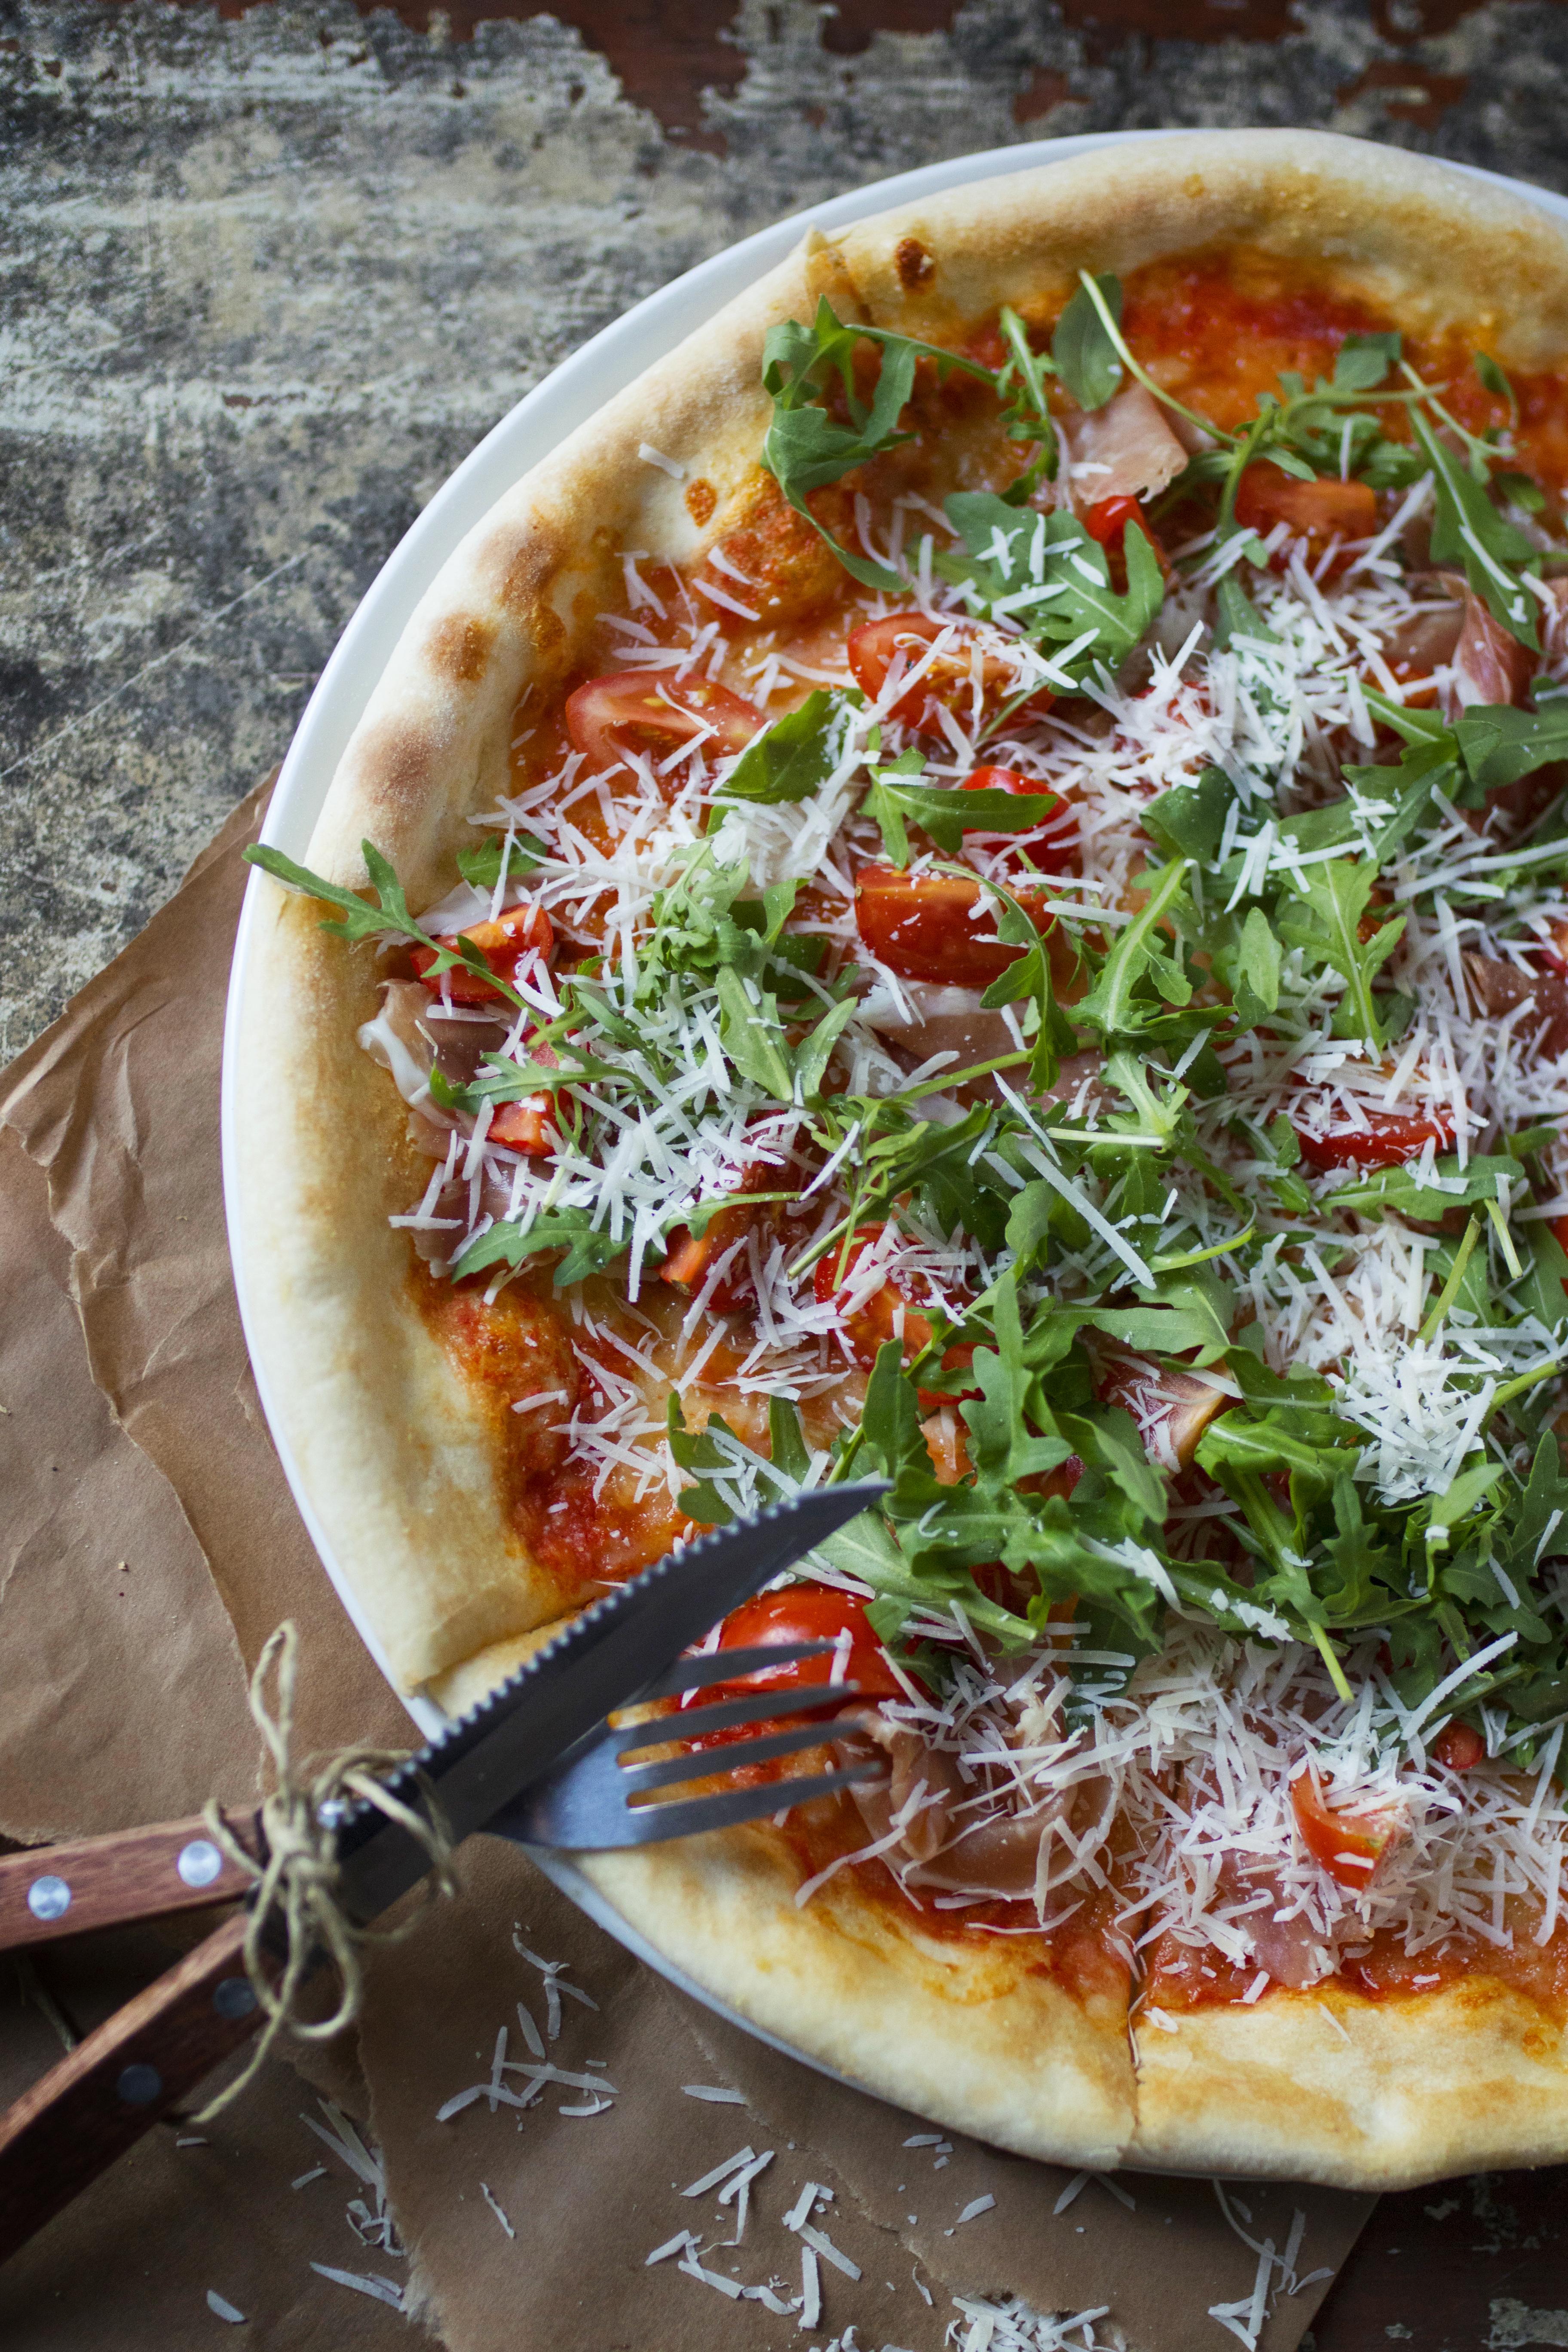 Pizza Proschuitto con rucola